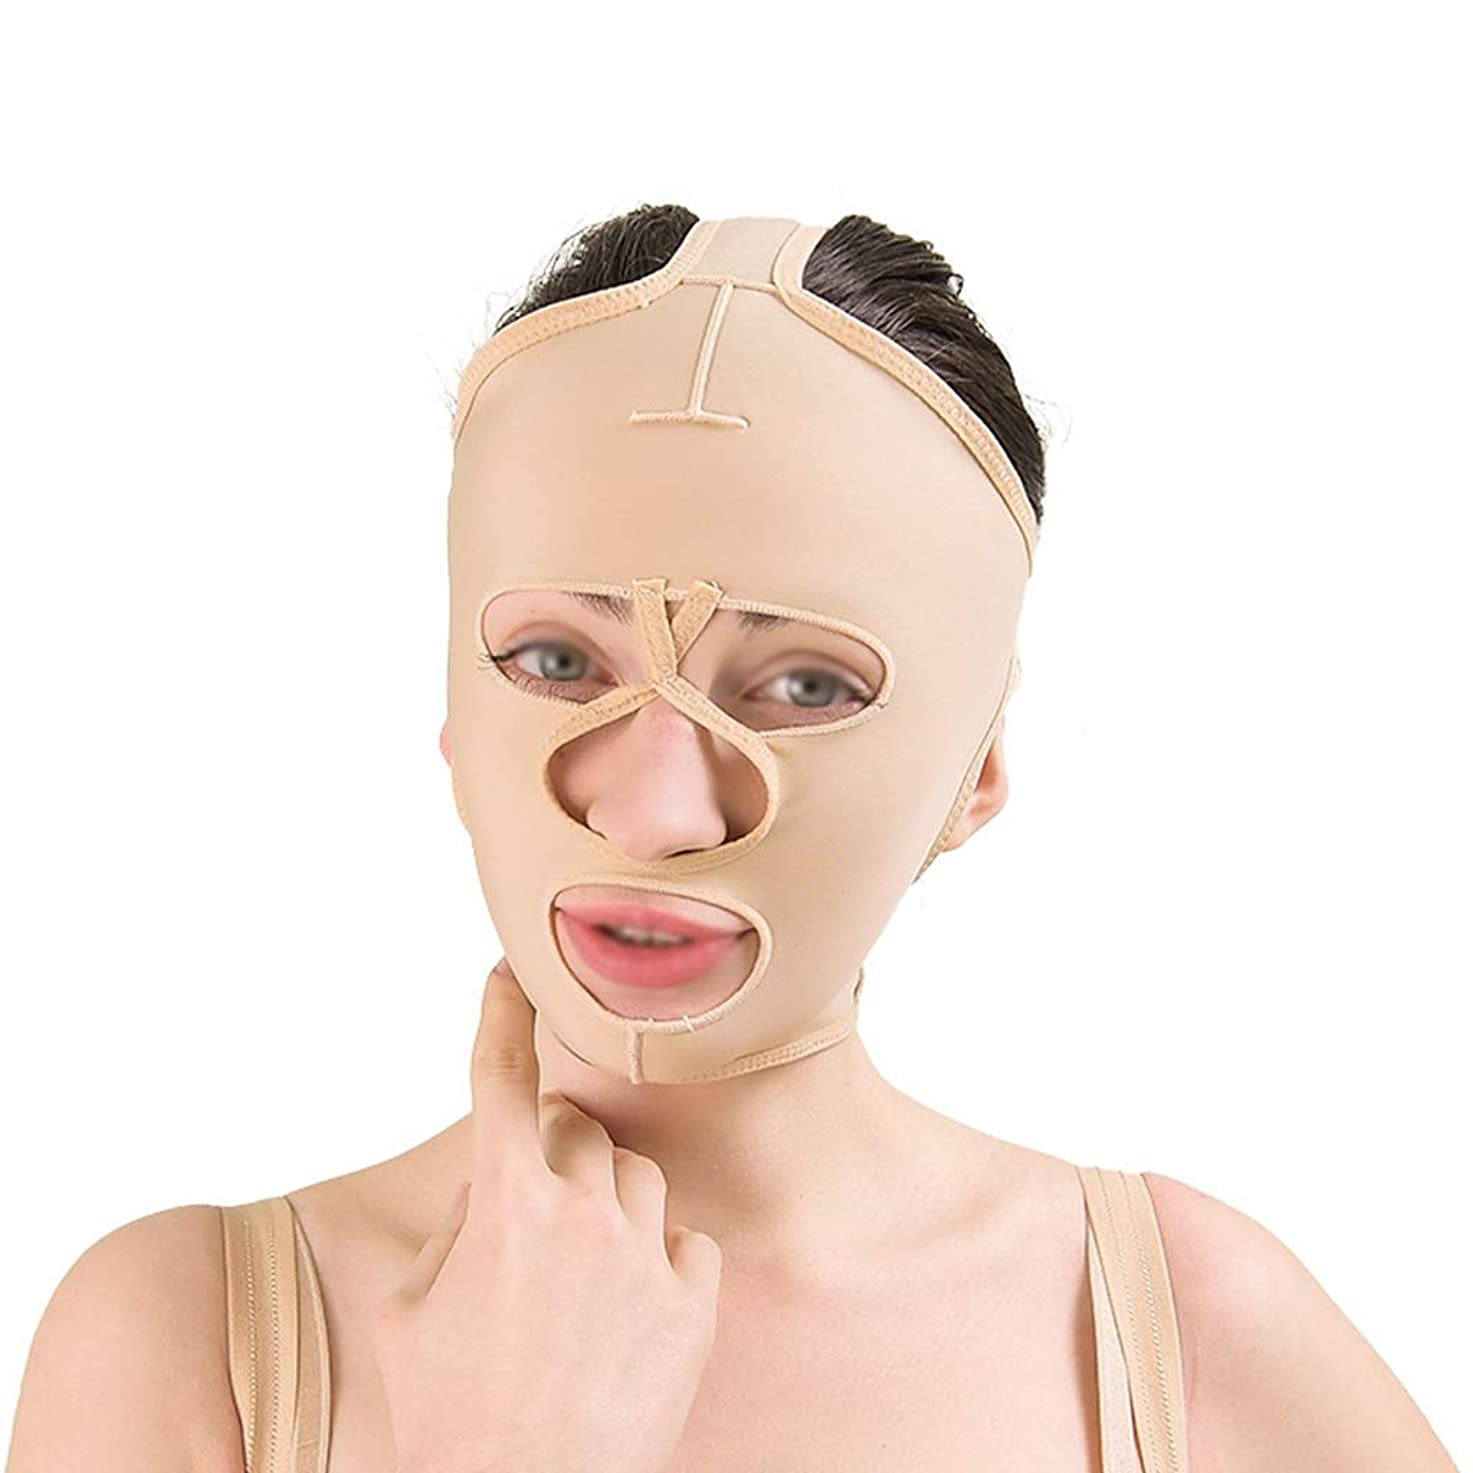 こしょう完全に乾く保存フェイシャルリフティングツール、フェイシャルビューティーリフティングマスク、通気性引き締めリフティングフェイシャル包帯、フェイシャルタイトバンデージ(サイズ:L),S